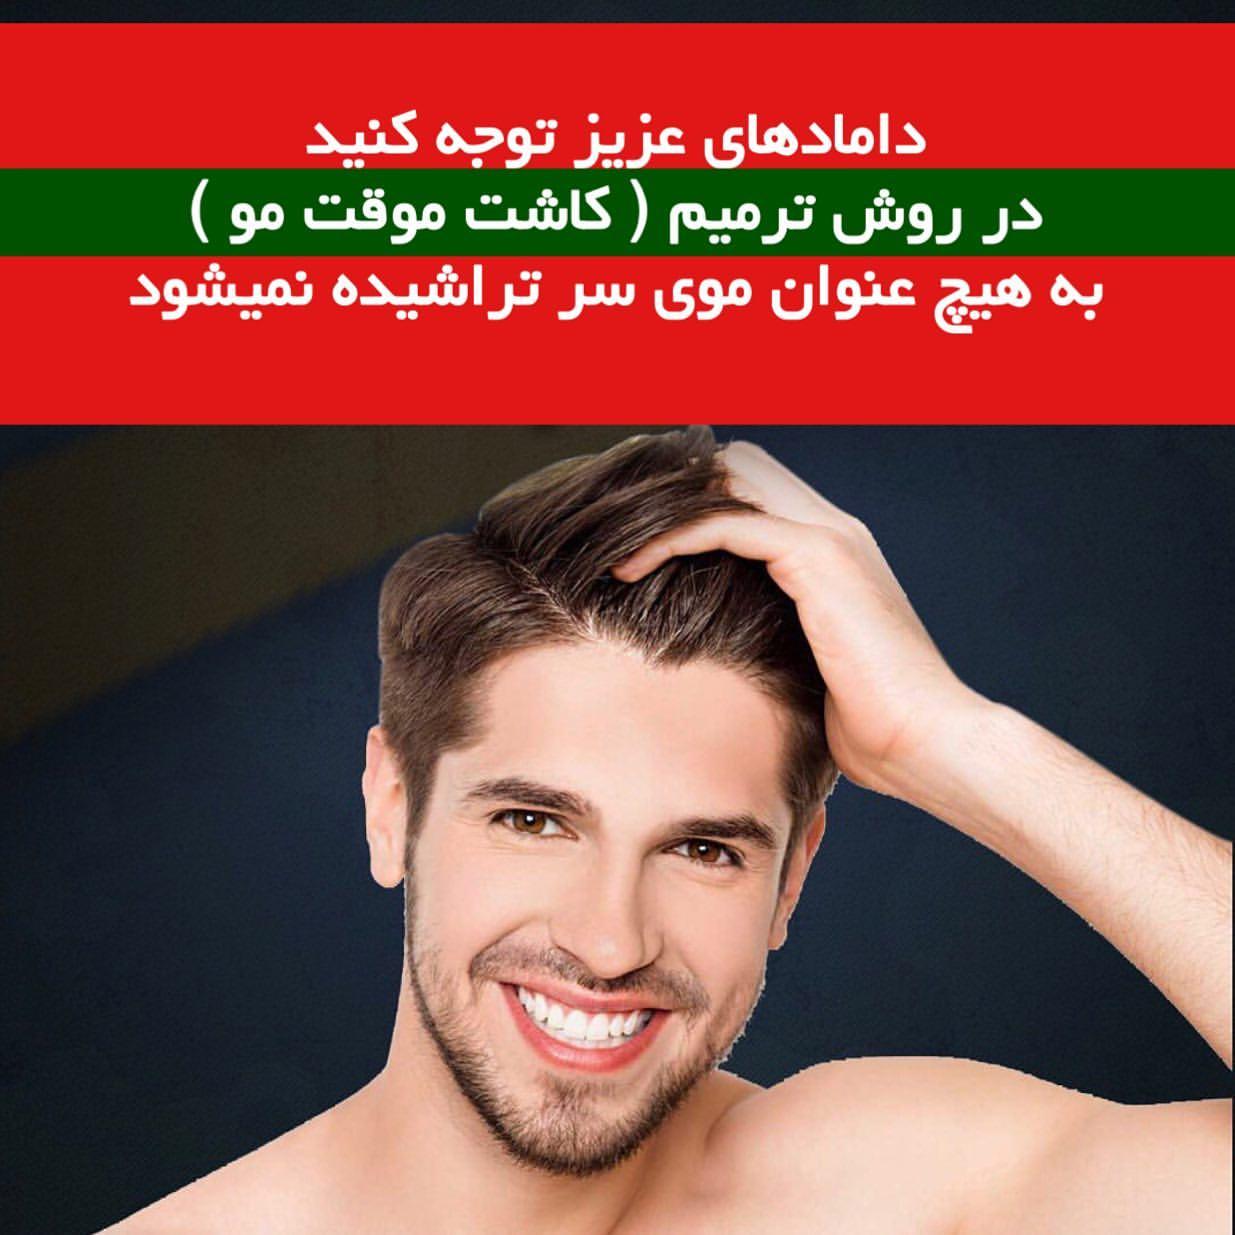 آرایشگاه مردانه و داماد شاهکار 5